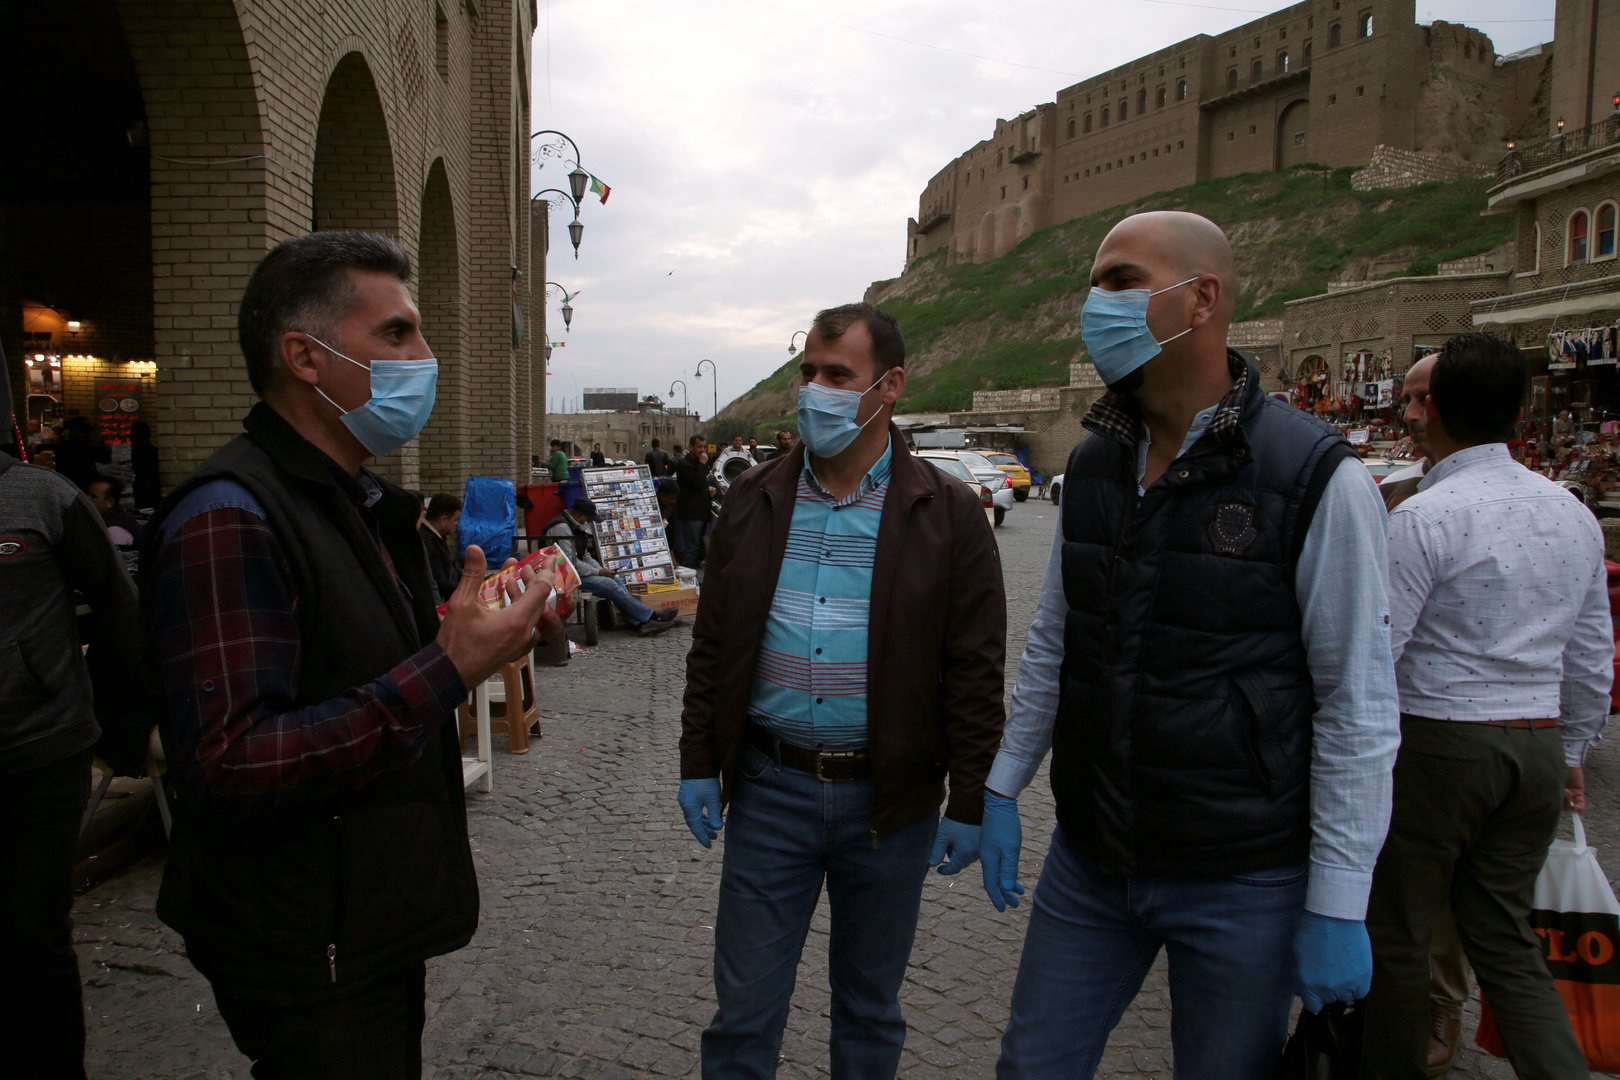 العراق.. أربيل تتخذ قرارات جديدة بشأن حظر التجوال